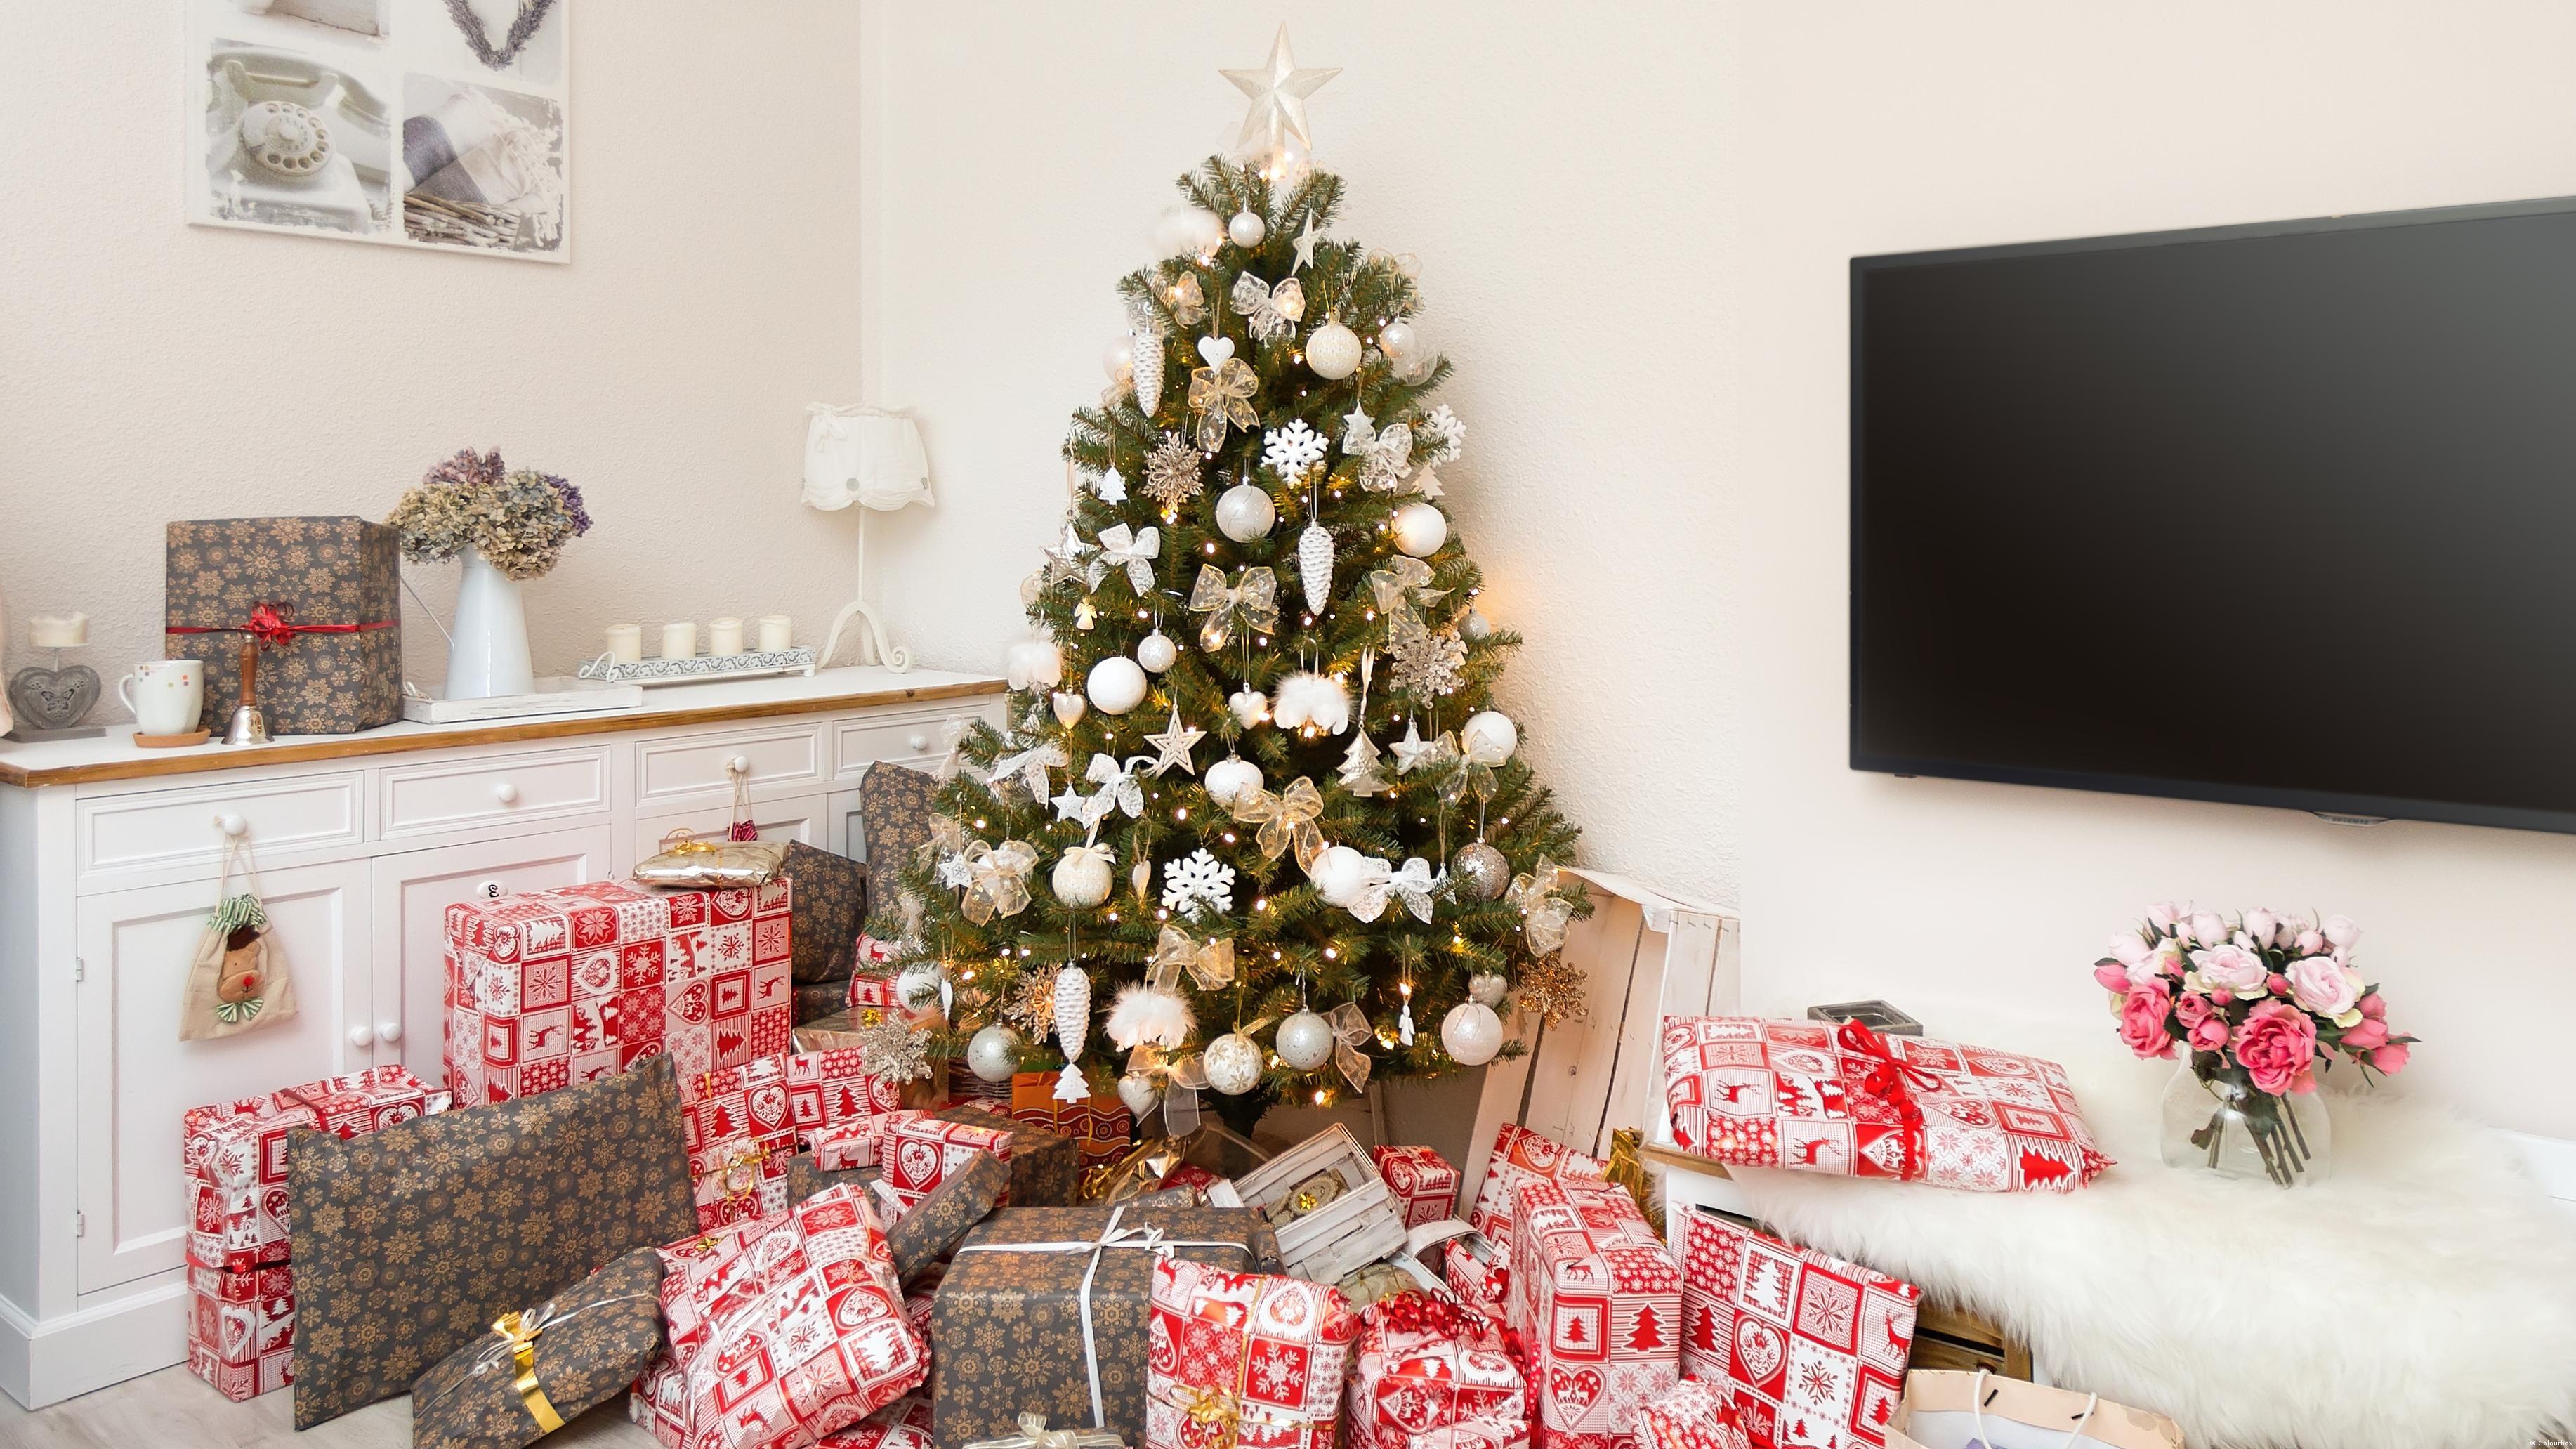 So feiert man in Deutschland Weihnachten   Top-Thema ...